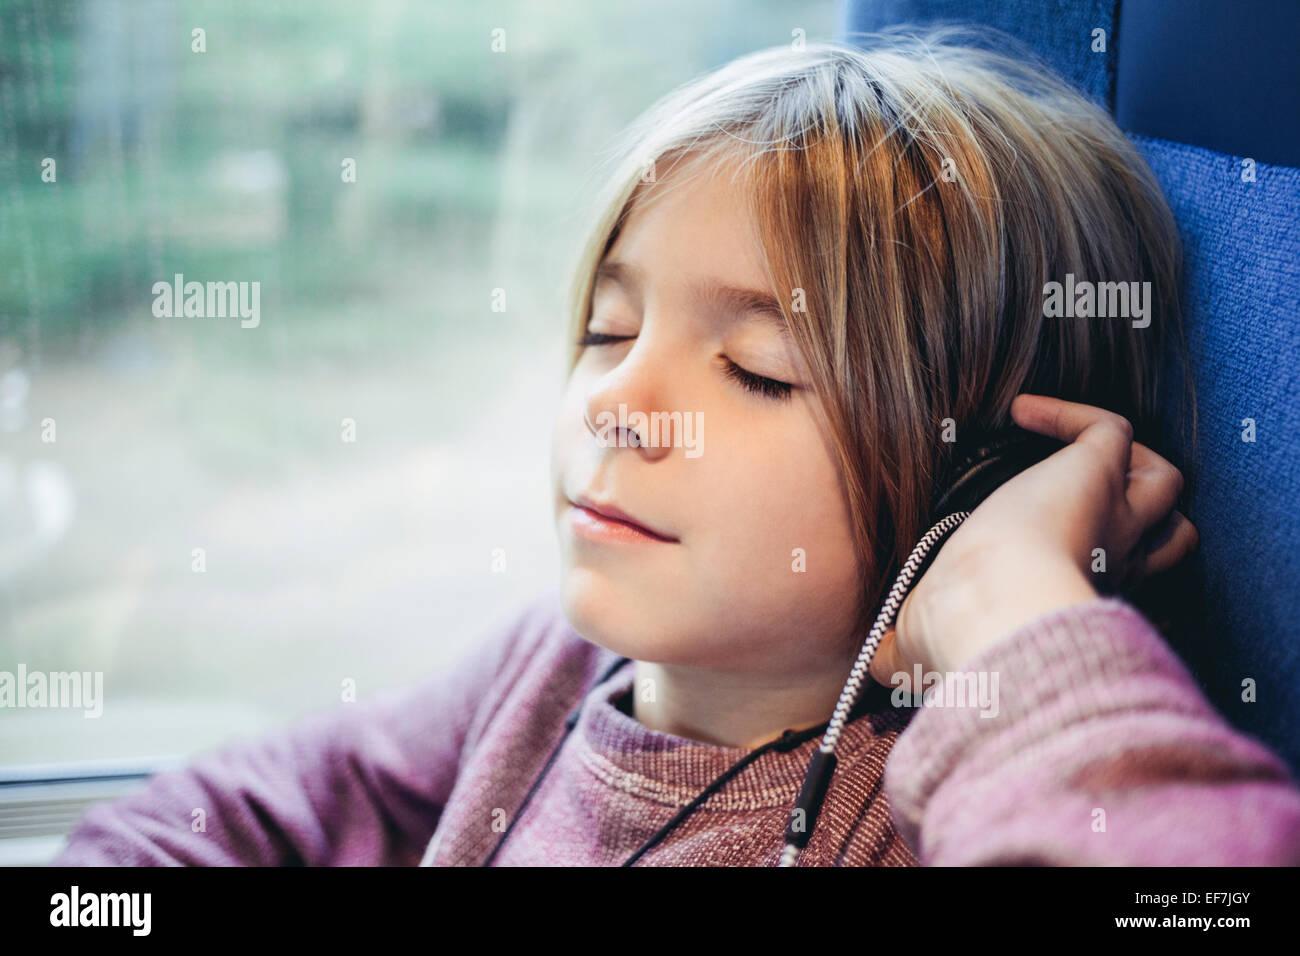 Chico escuchando música Foto de stock